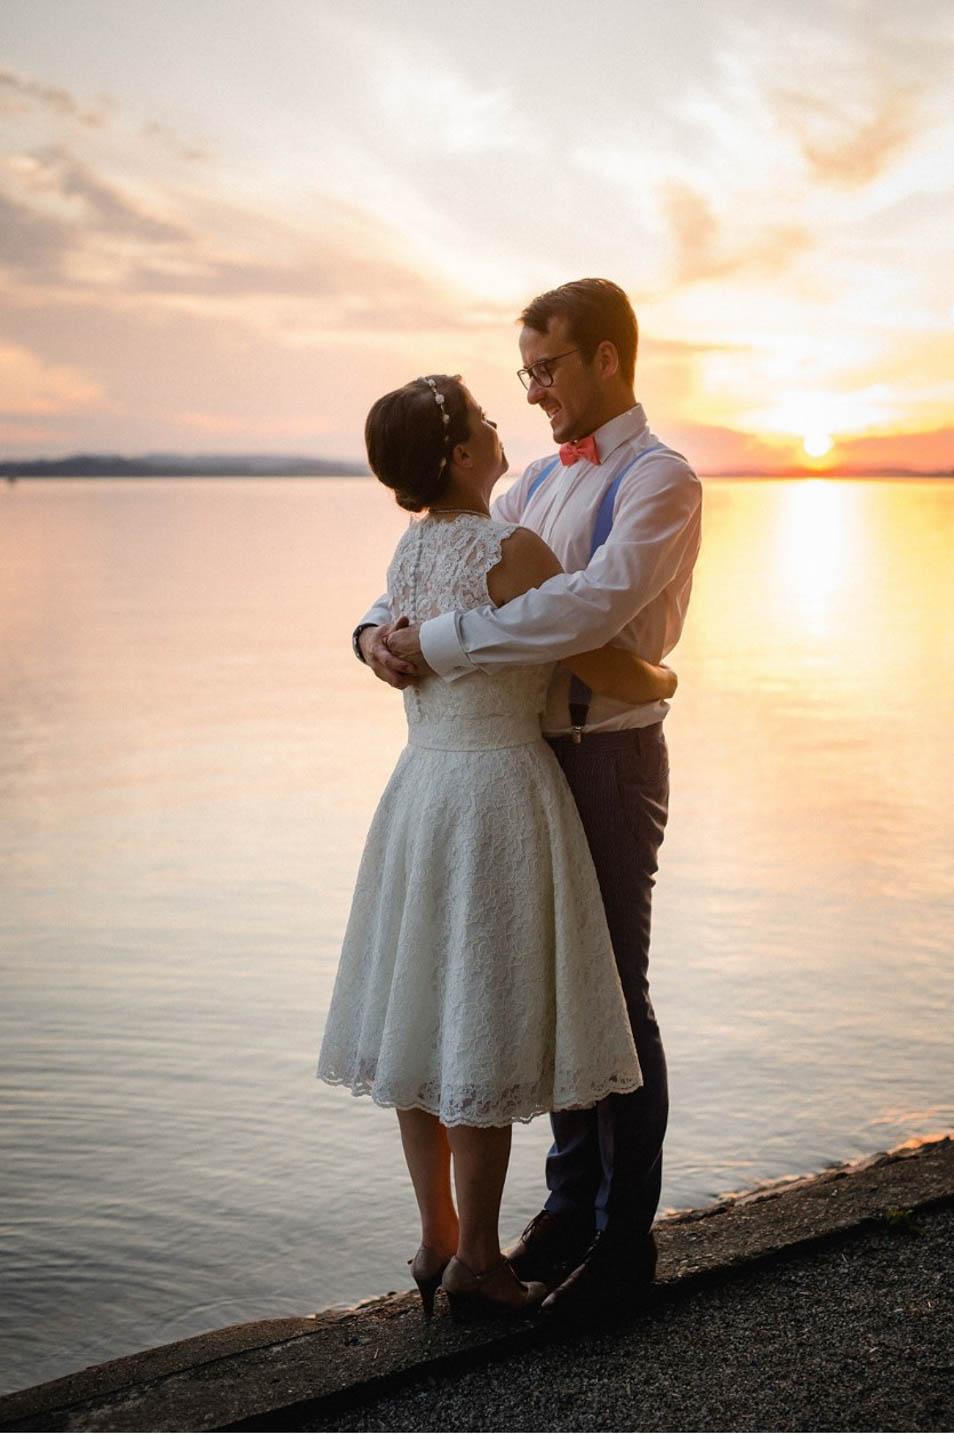 Brautpaar am See beim Sonnenuntergang